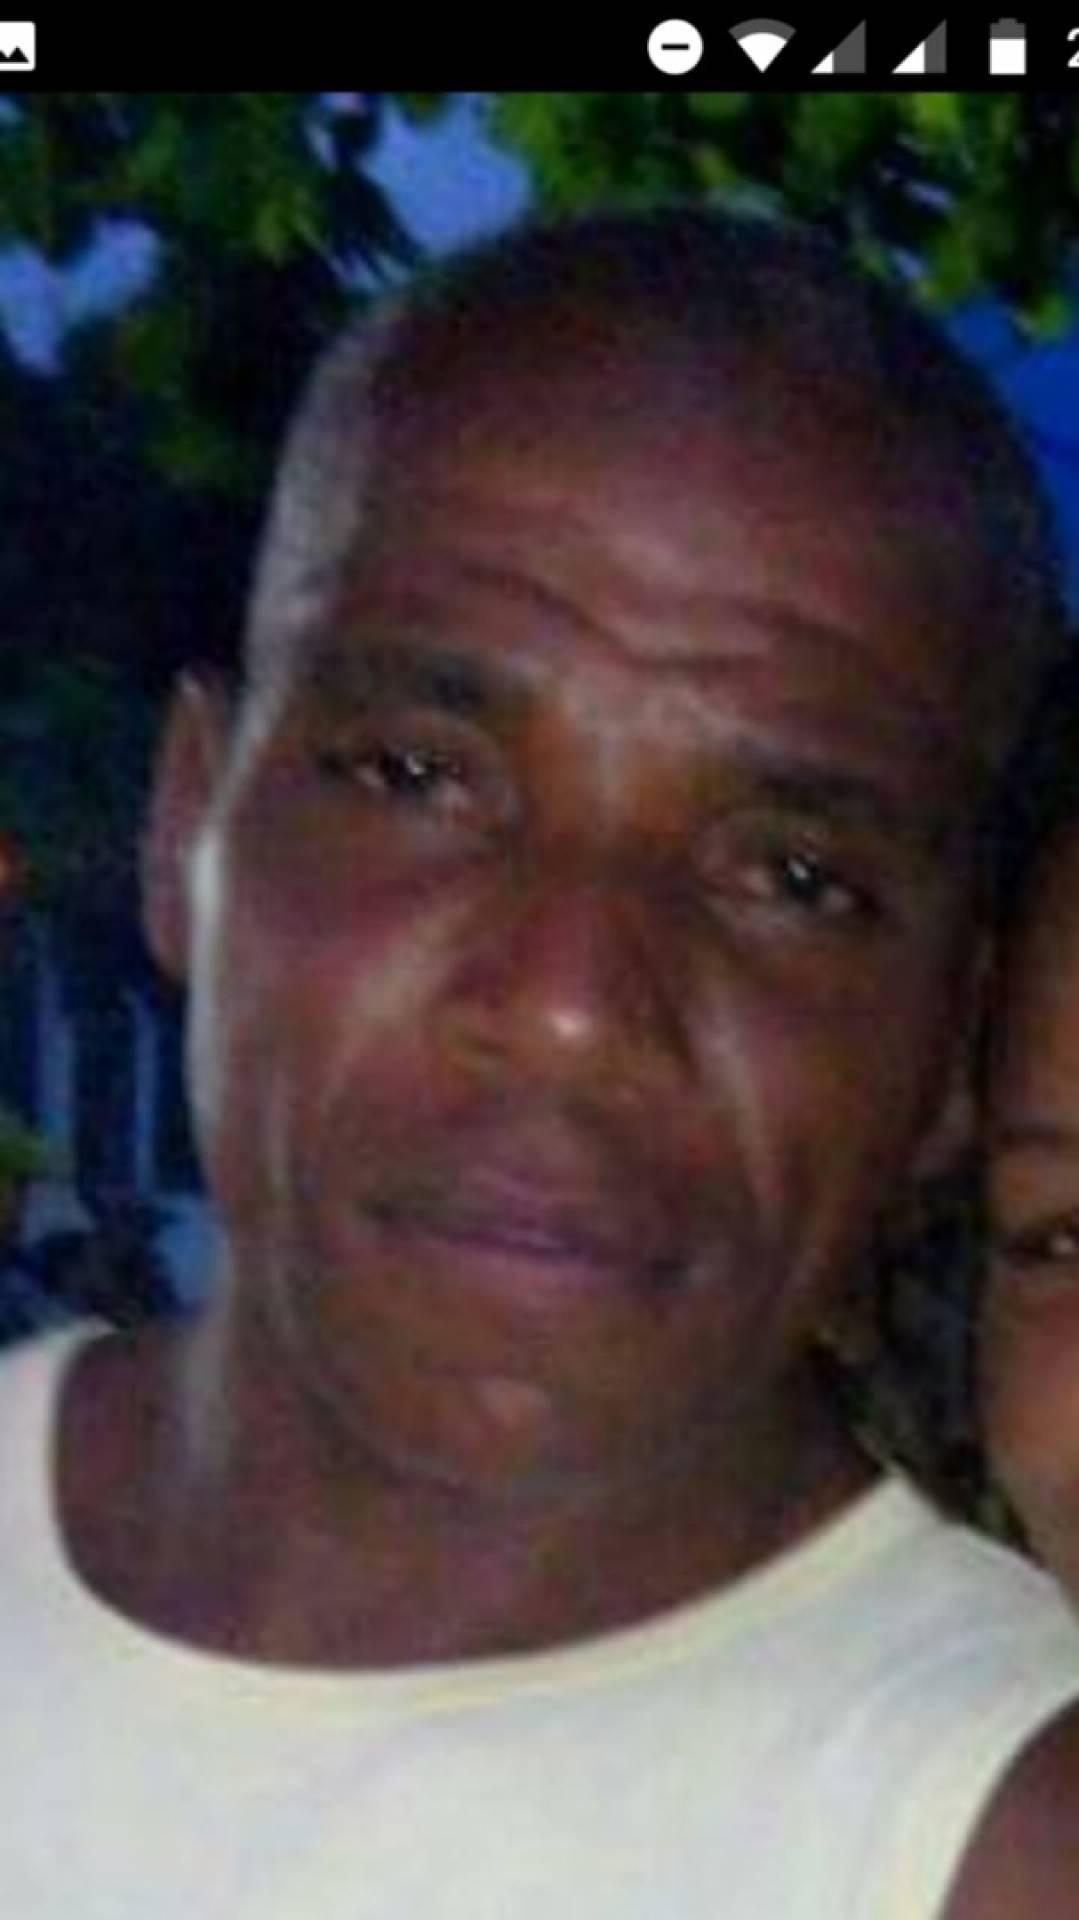 Alexandre, conhecido como Bolota, foi preso por policiais do 20º BPM em baile